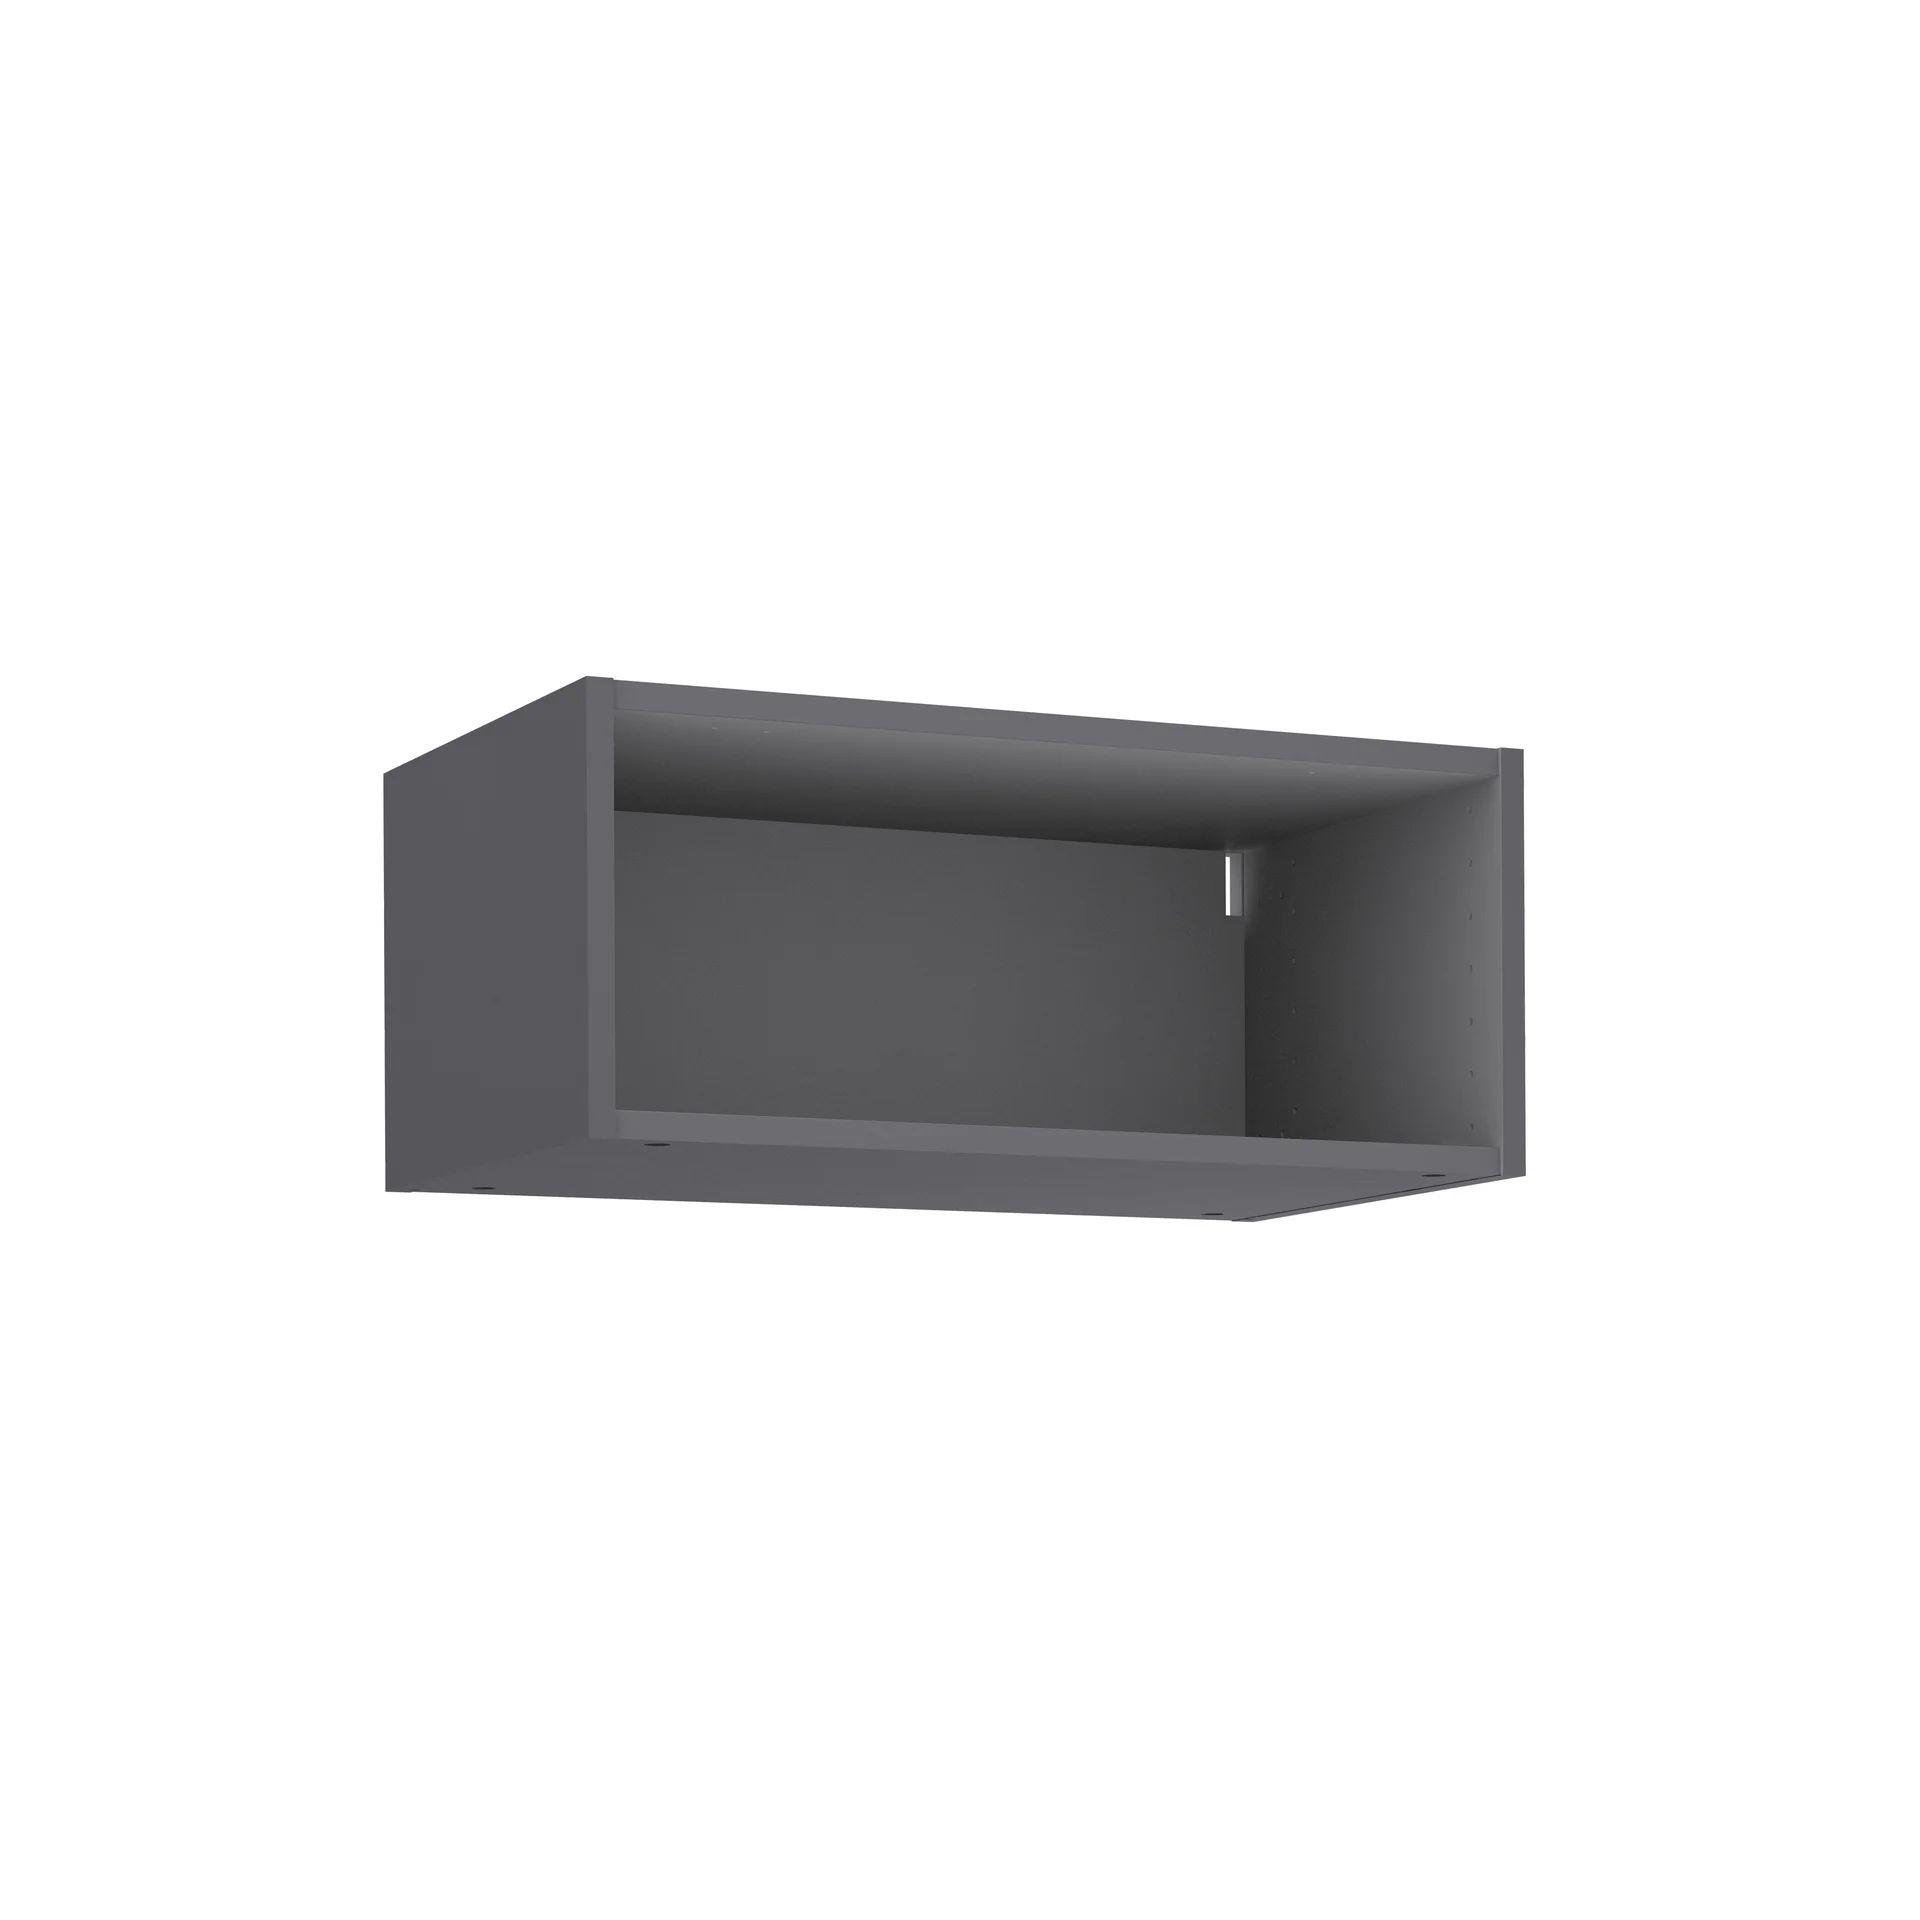 caisson de cuisine haut delinia id gris h 25 6 x l 60 x p 35 cm